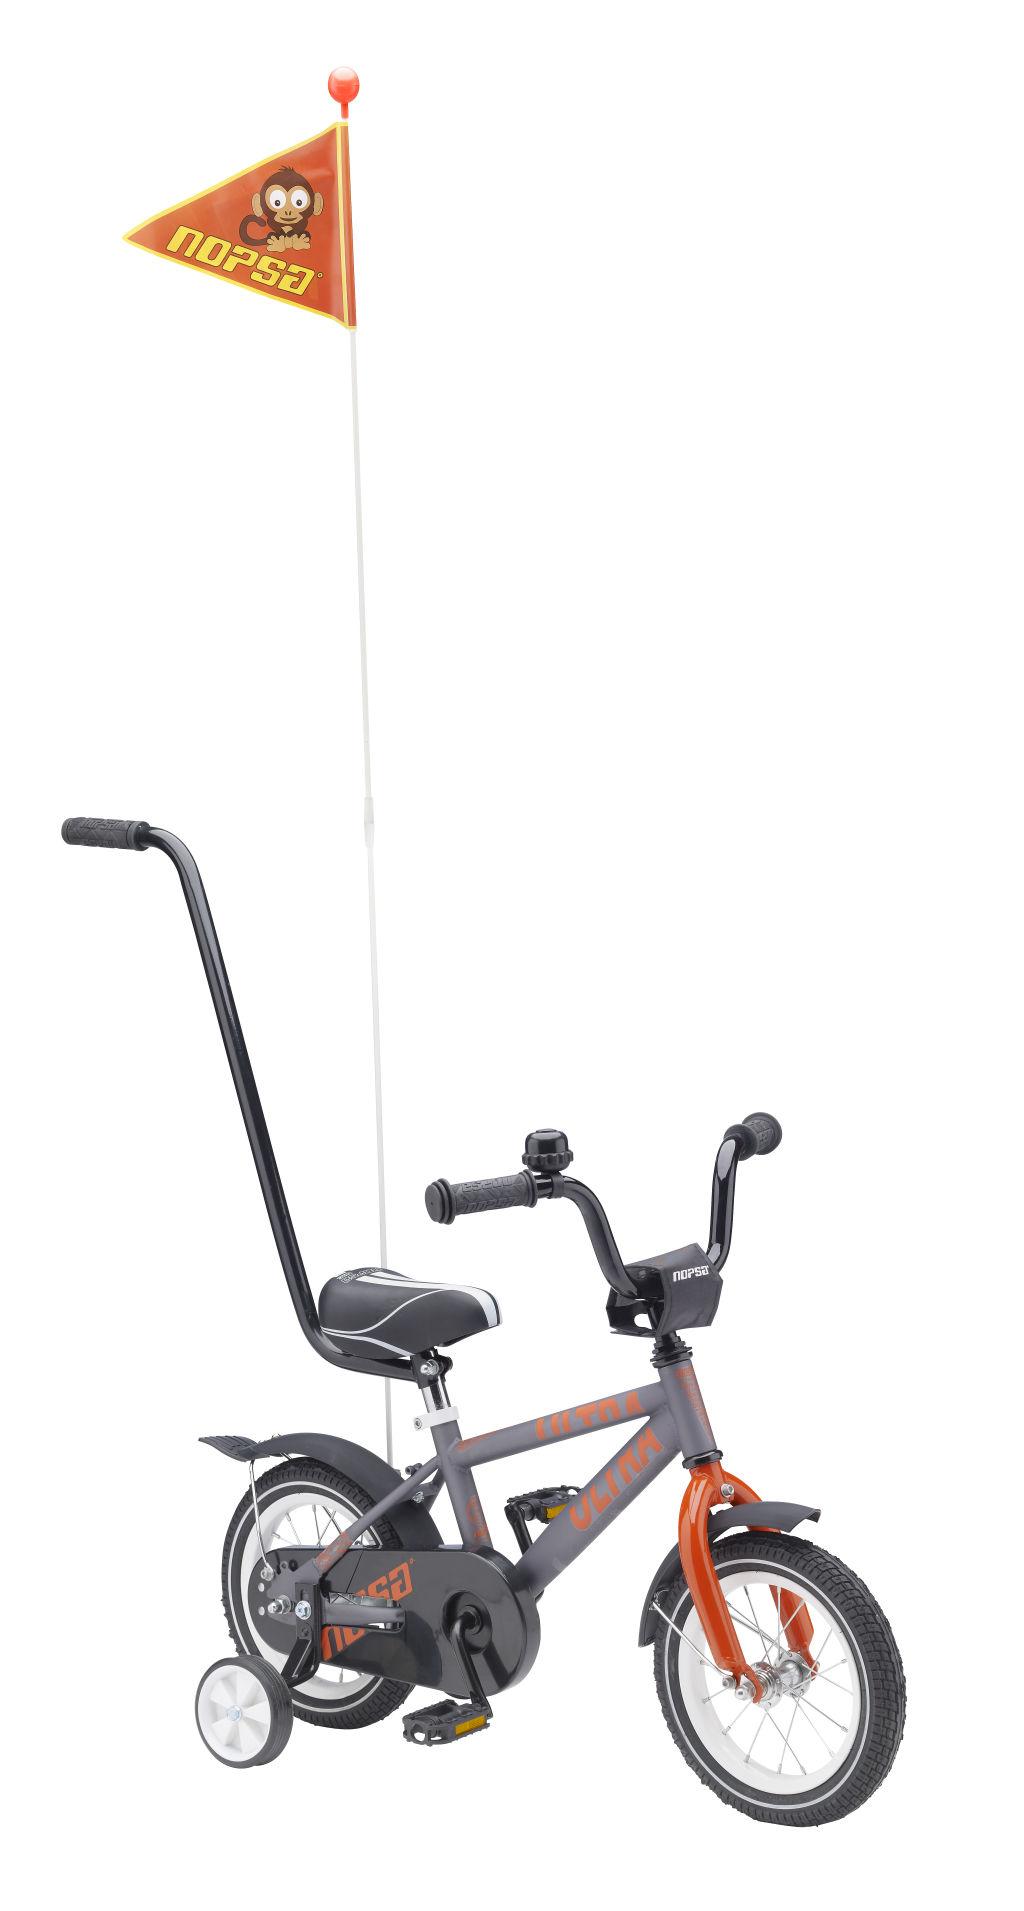 Nopsa Ultra 12 - Lastenpyörät - Intersport